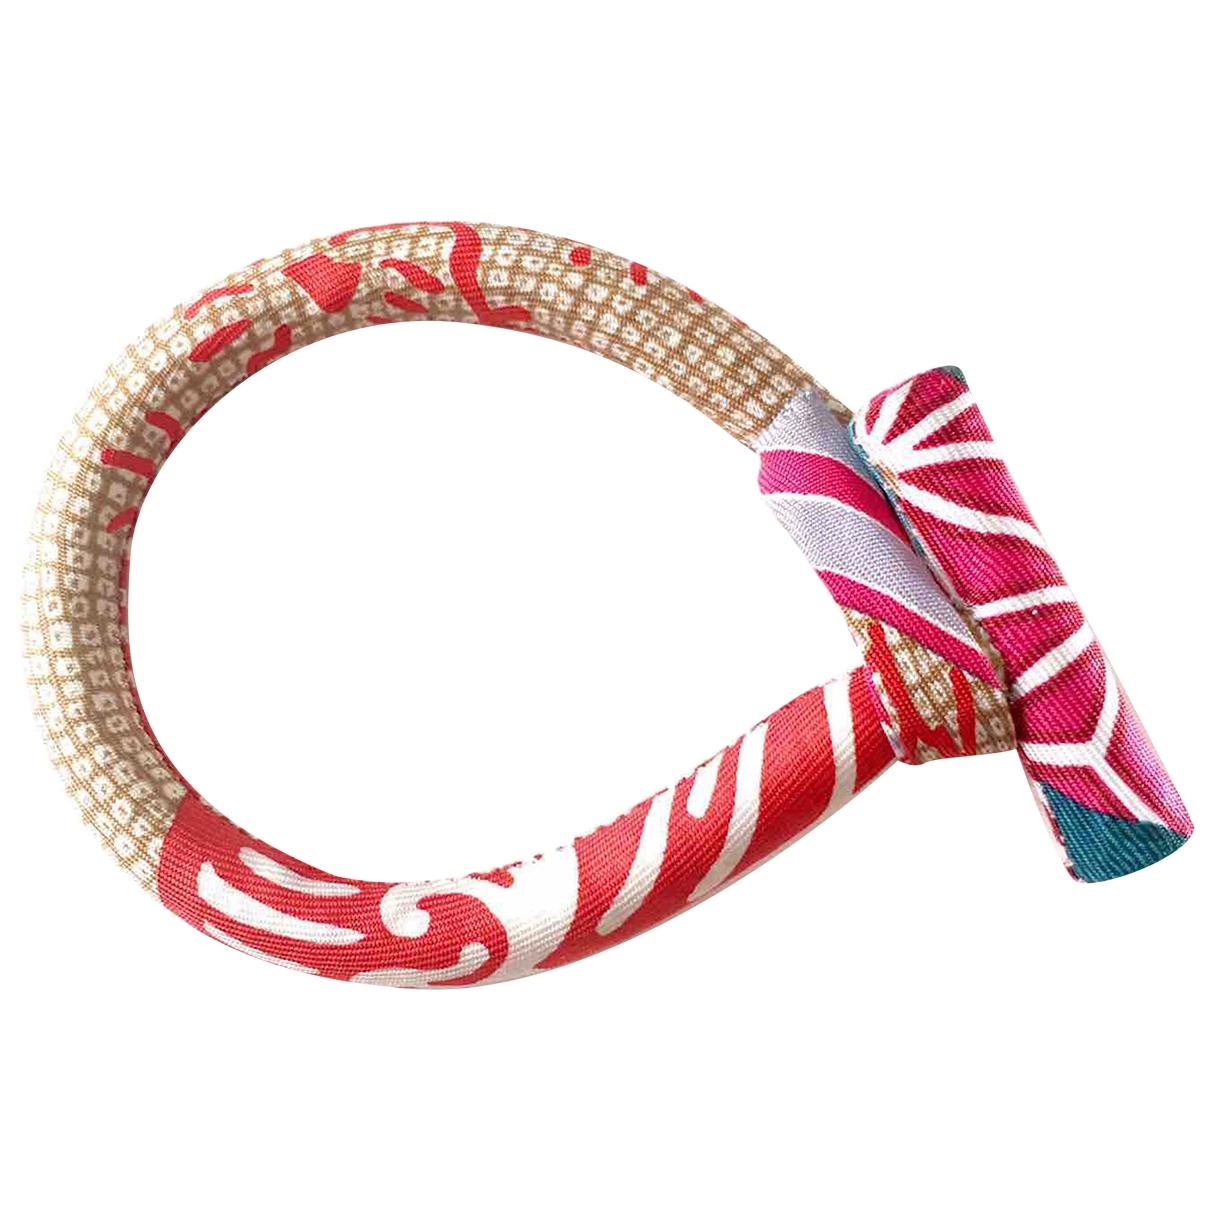 Hermes - Bracelet Petit H pour femme en soie - multicolore